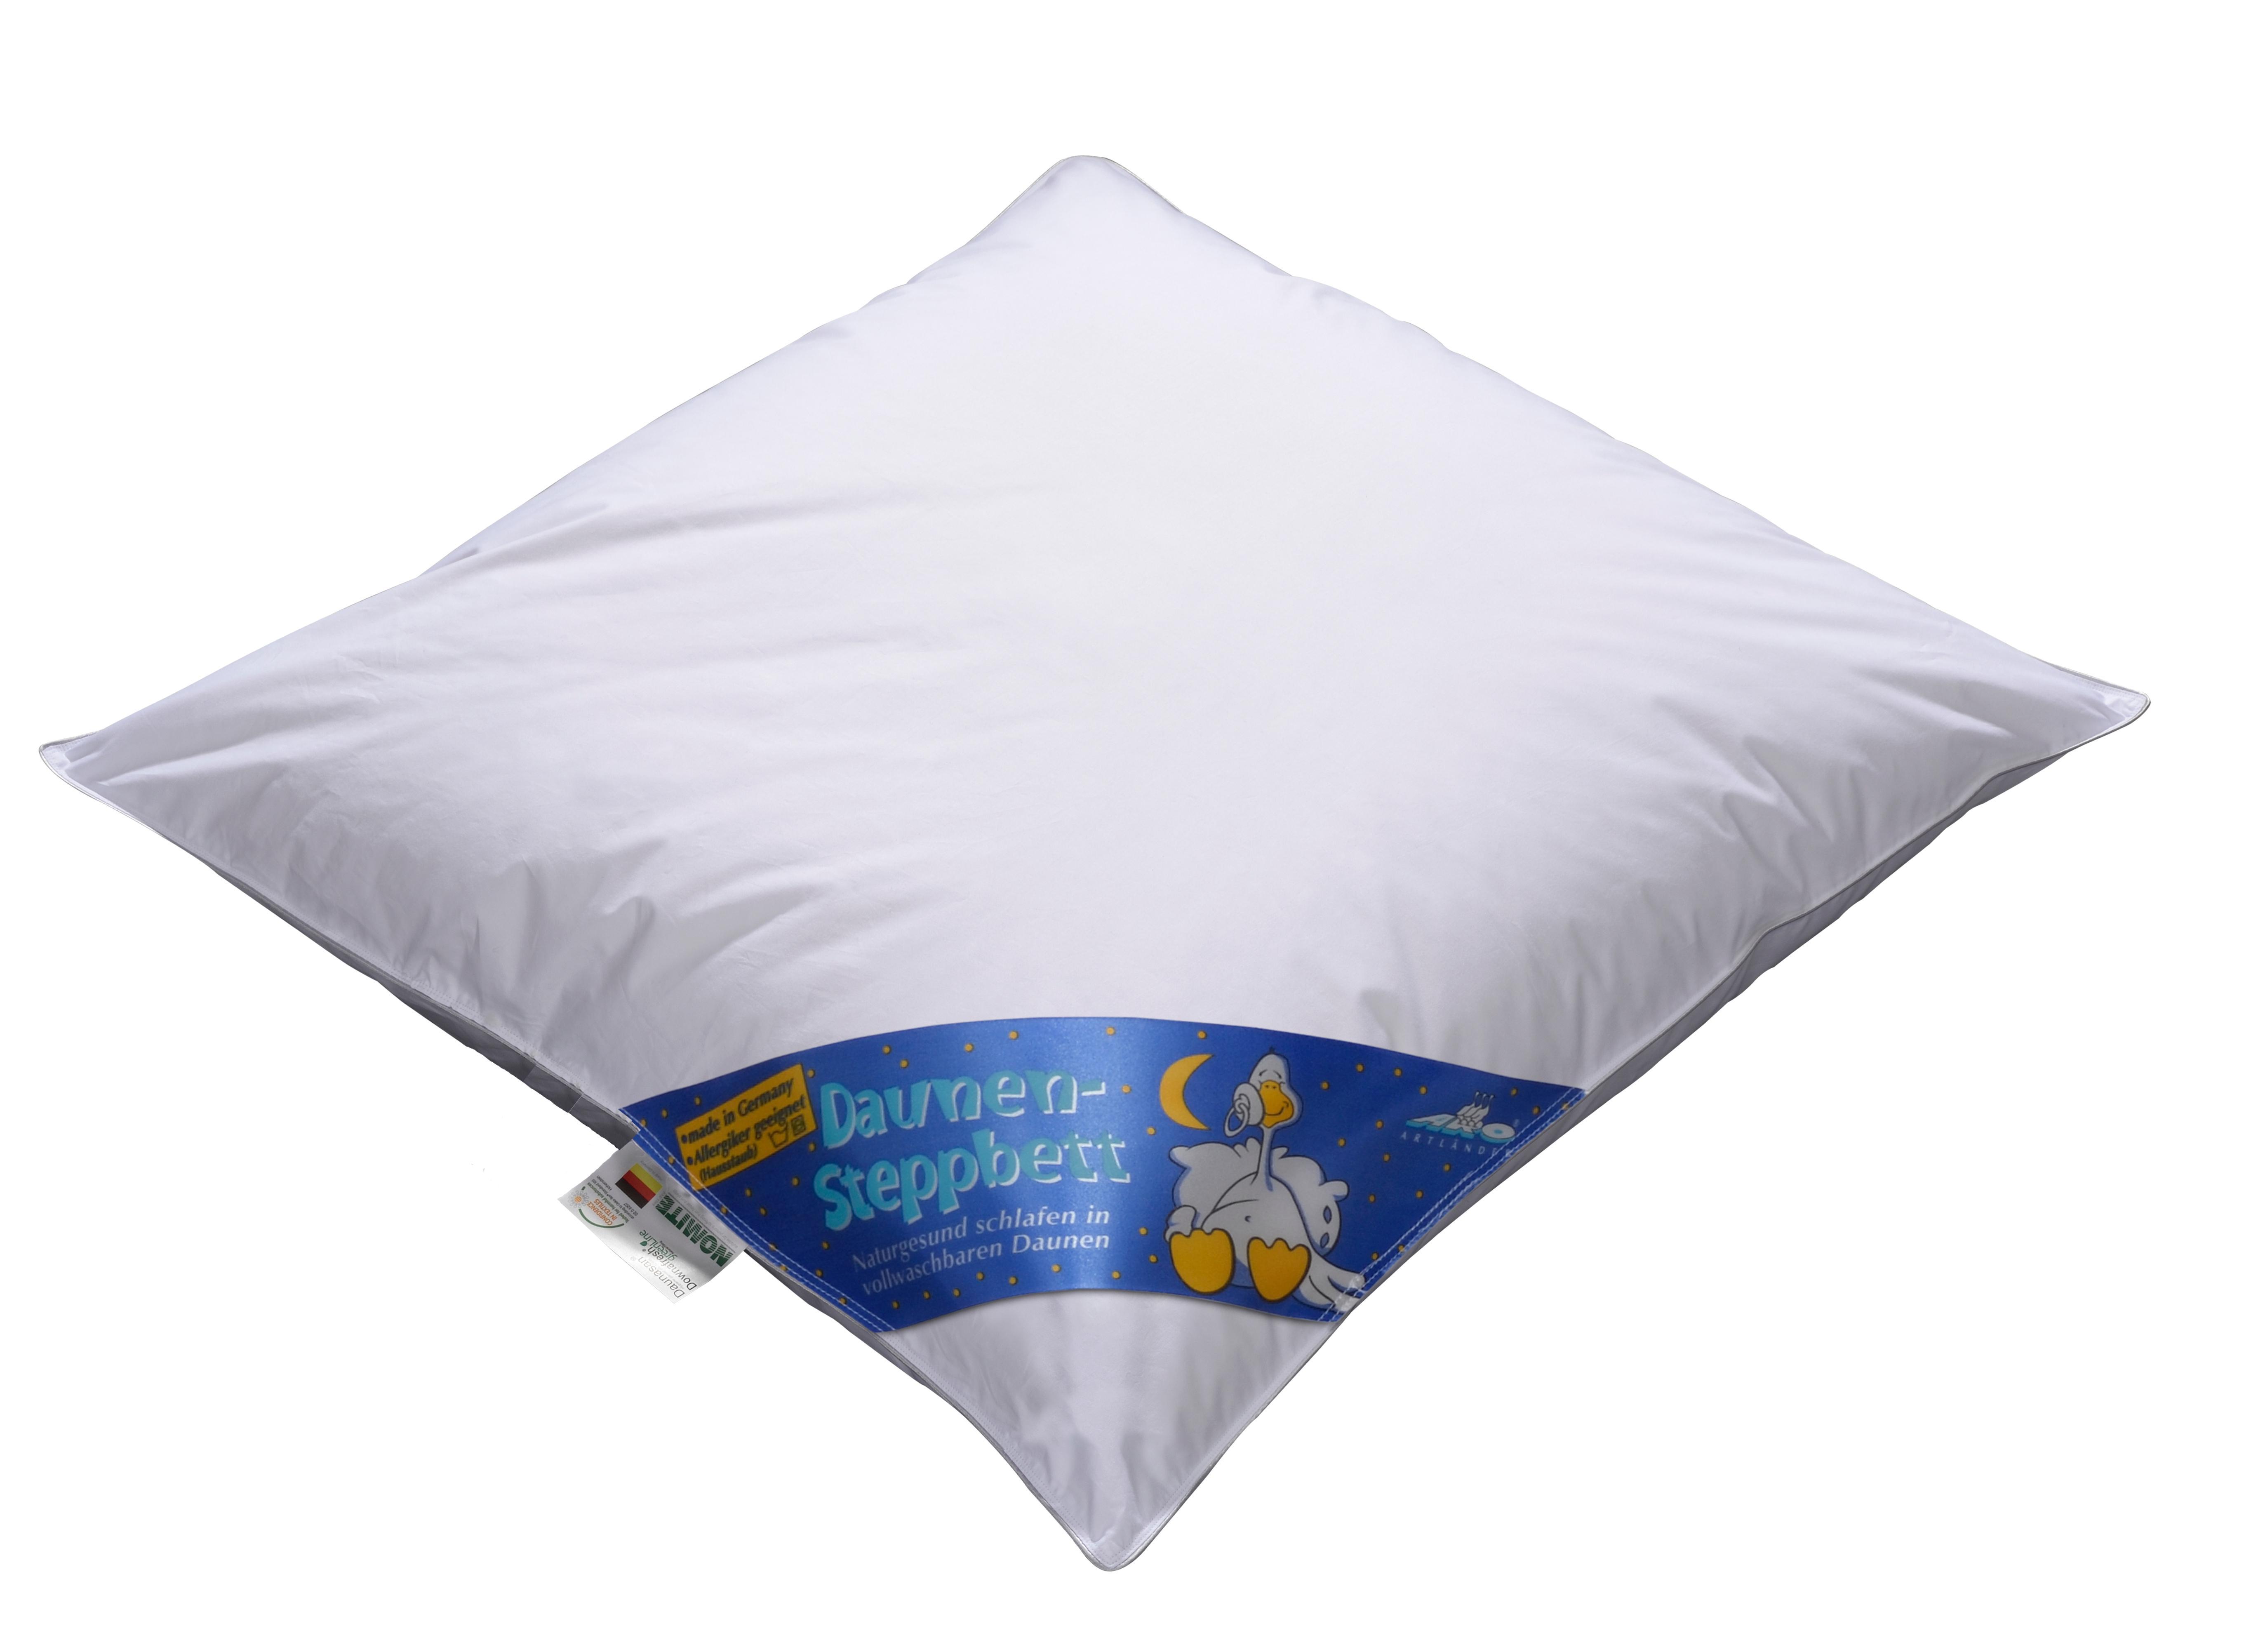 Wunderbar Bett Größe Referenz Von Größer Anzeigen